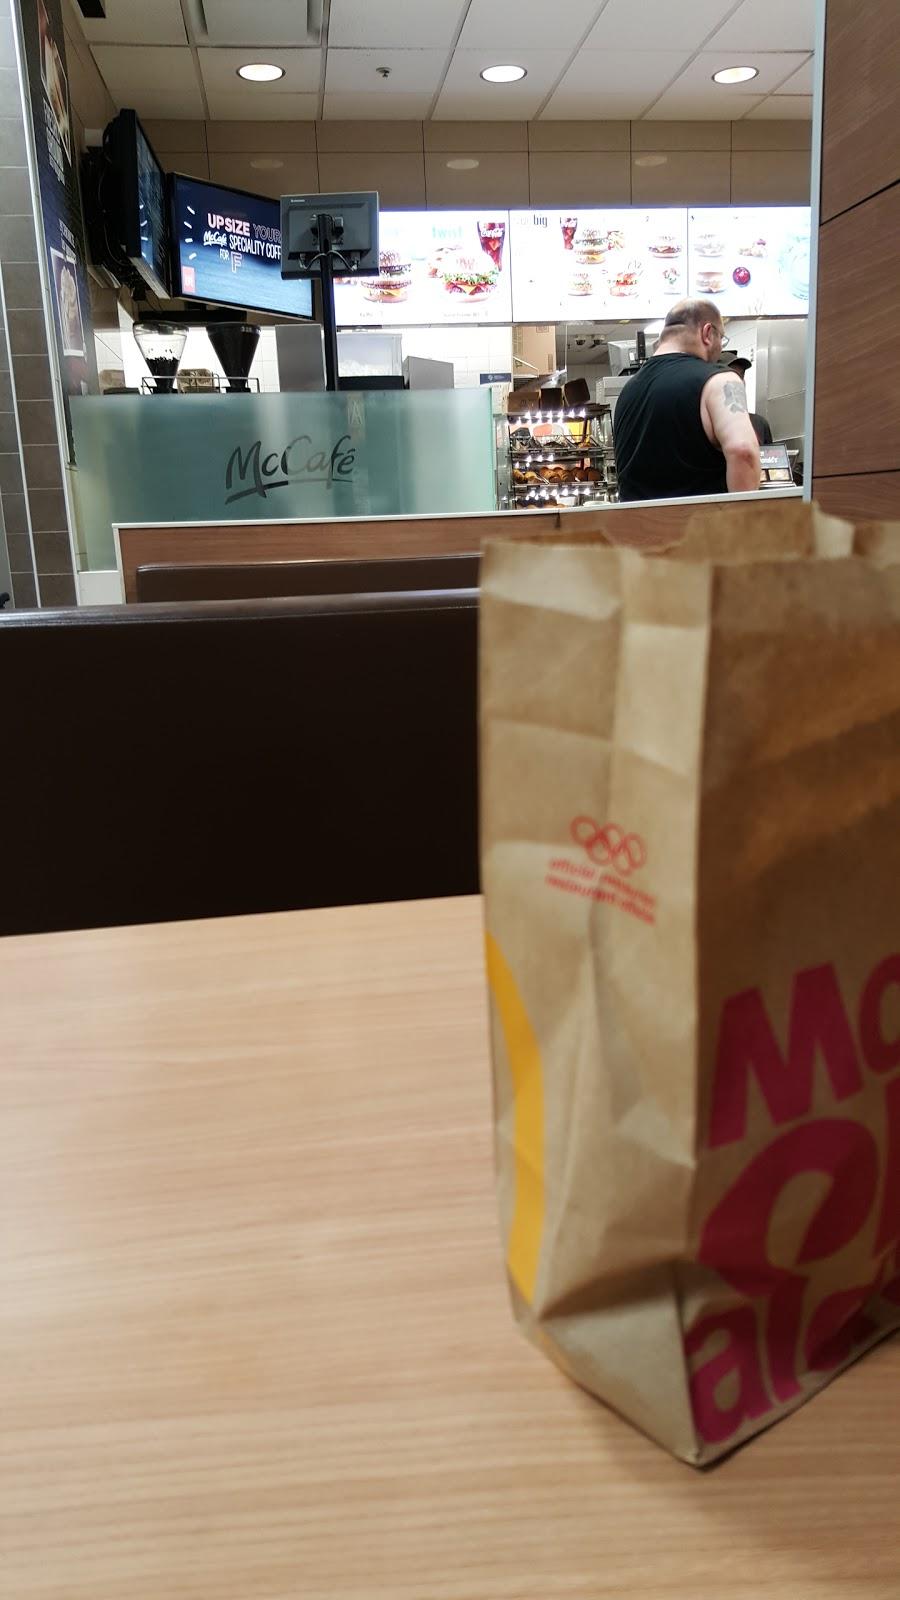 McDonalds | cafe | 1706 Preston Ave N, Saskatoon, SK S7N 4Y1, Canada | 3069558677 OR +1 306-955-8677